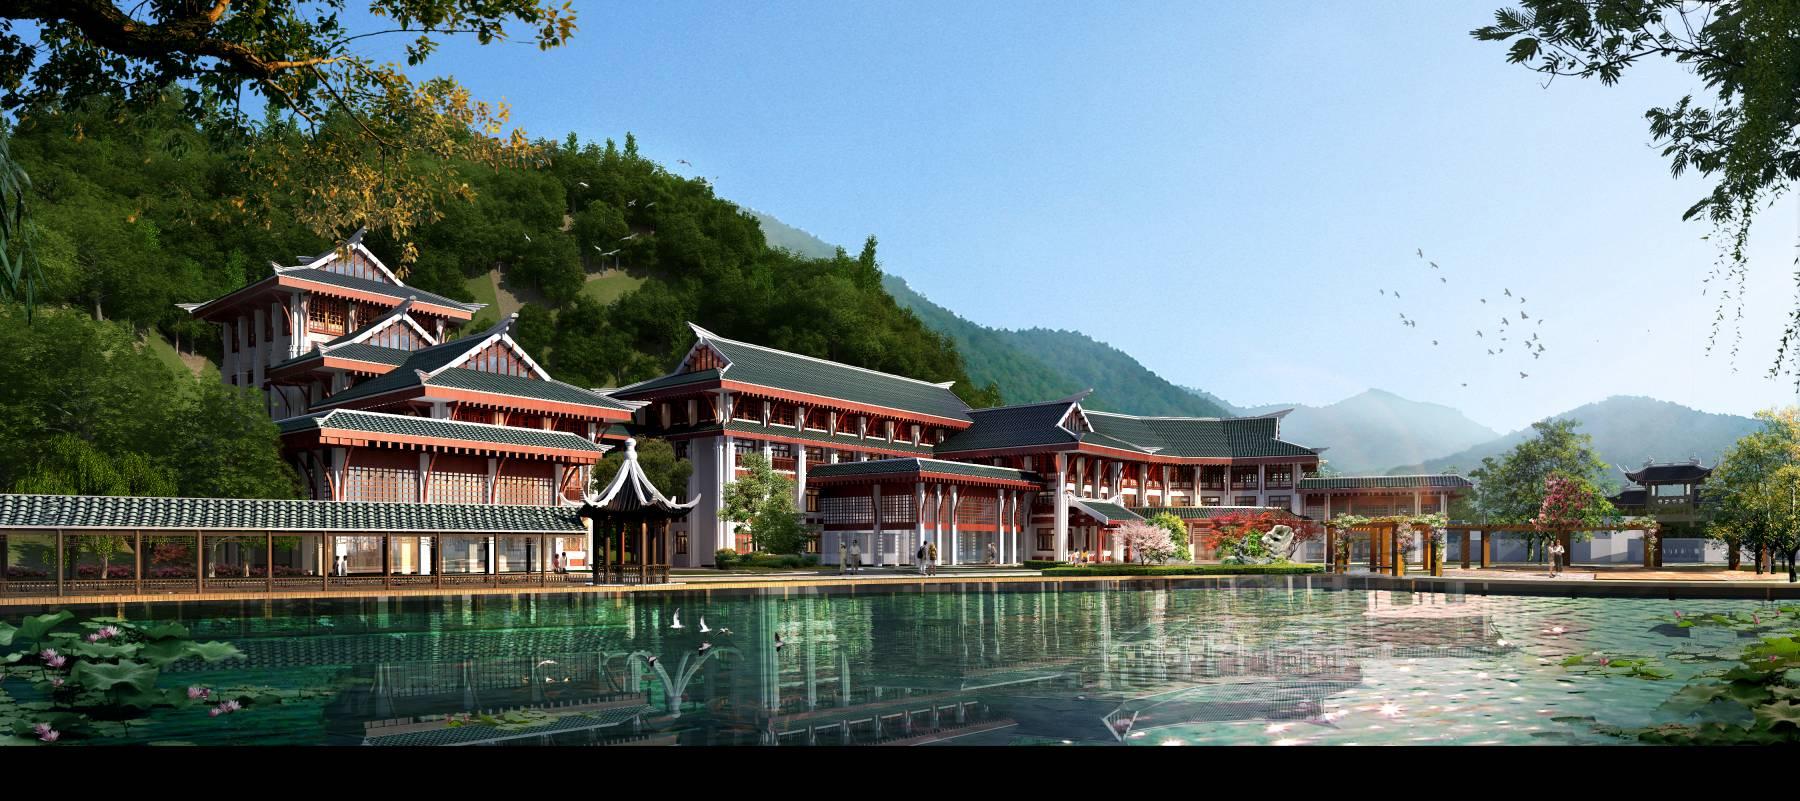 中式小酒楼